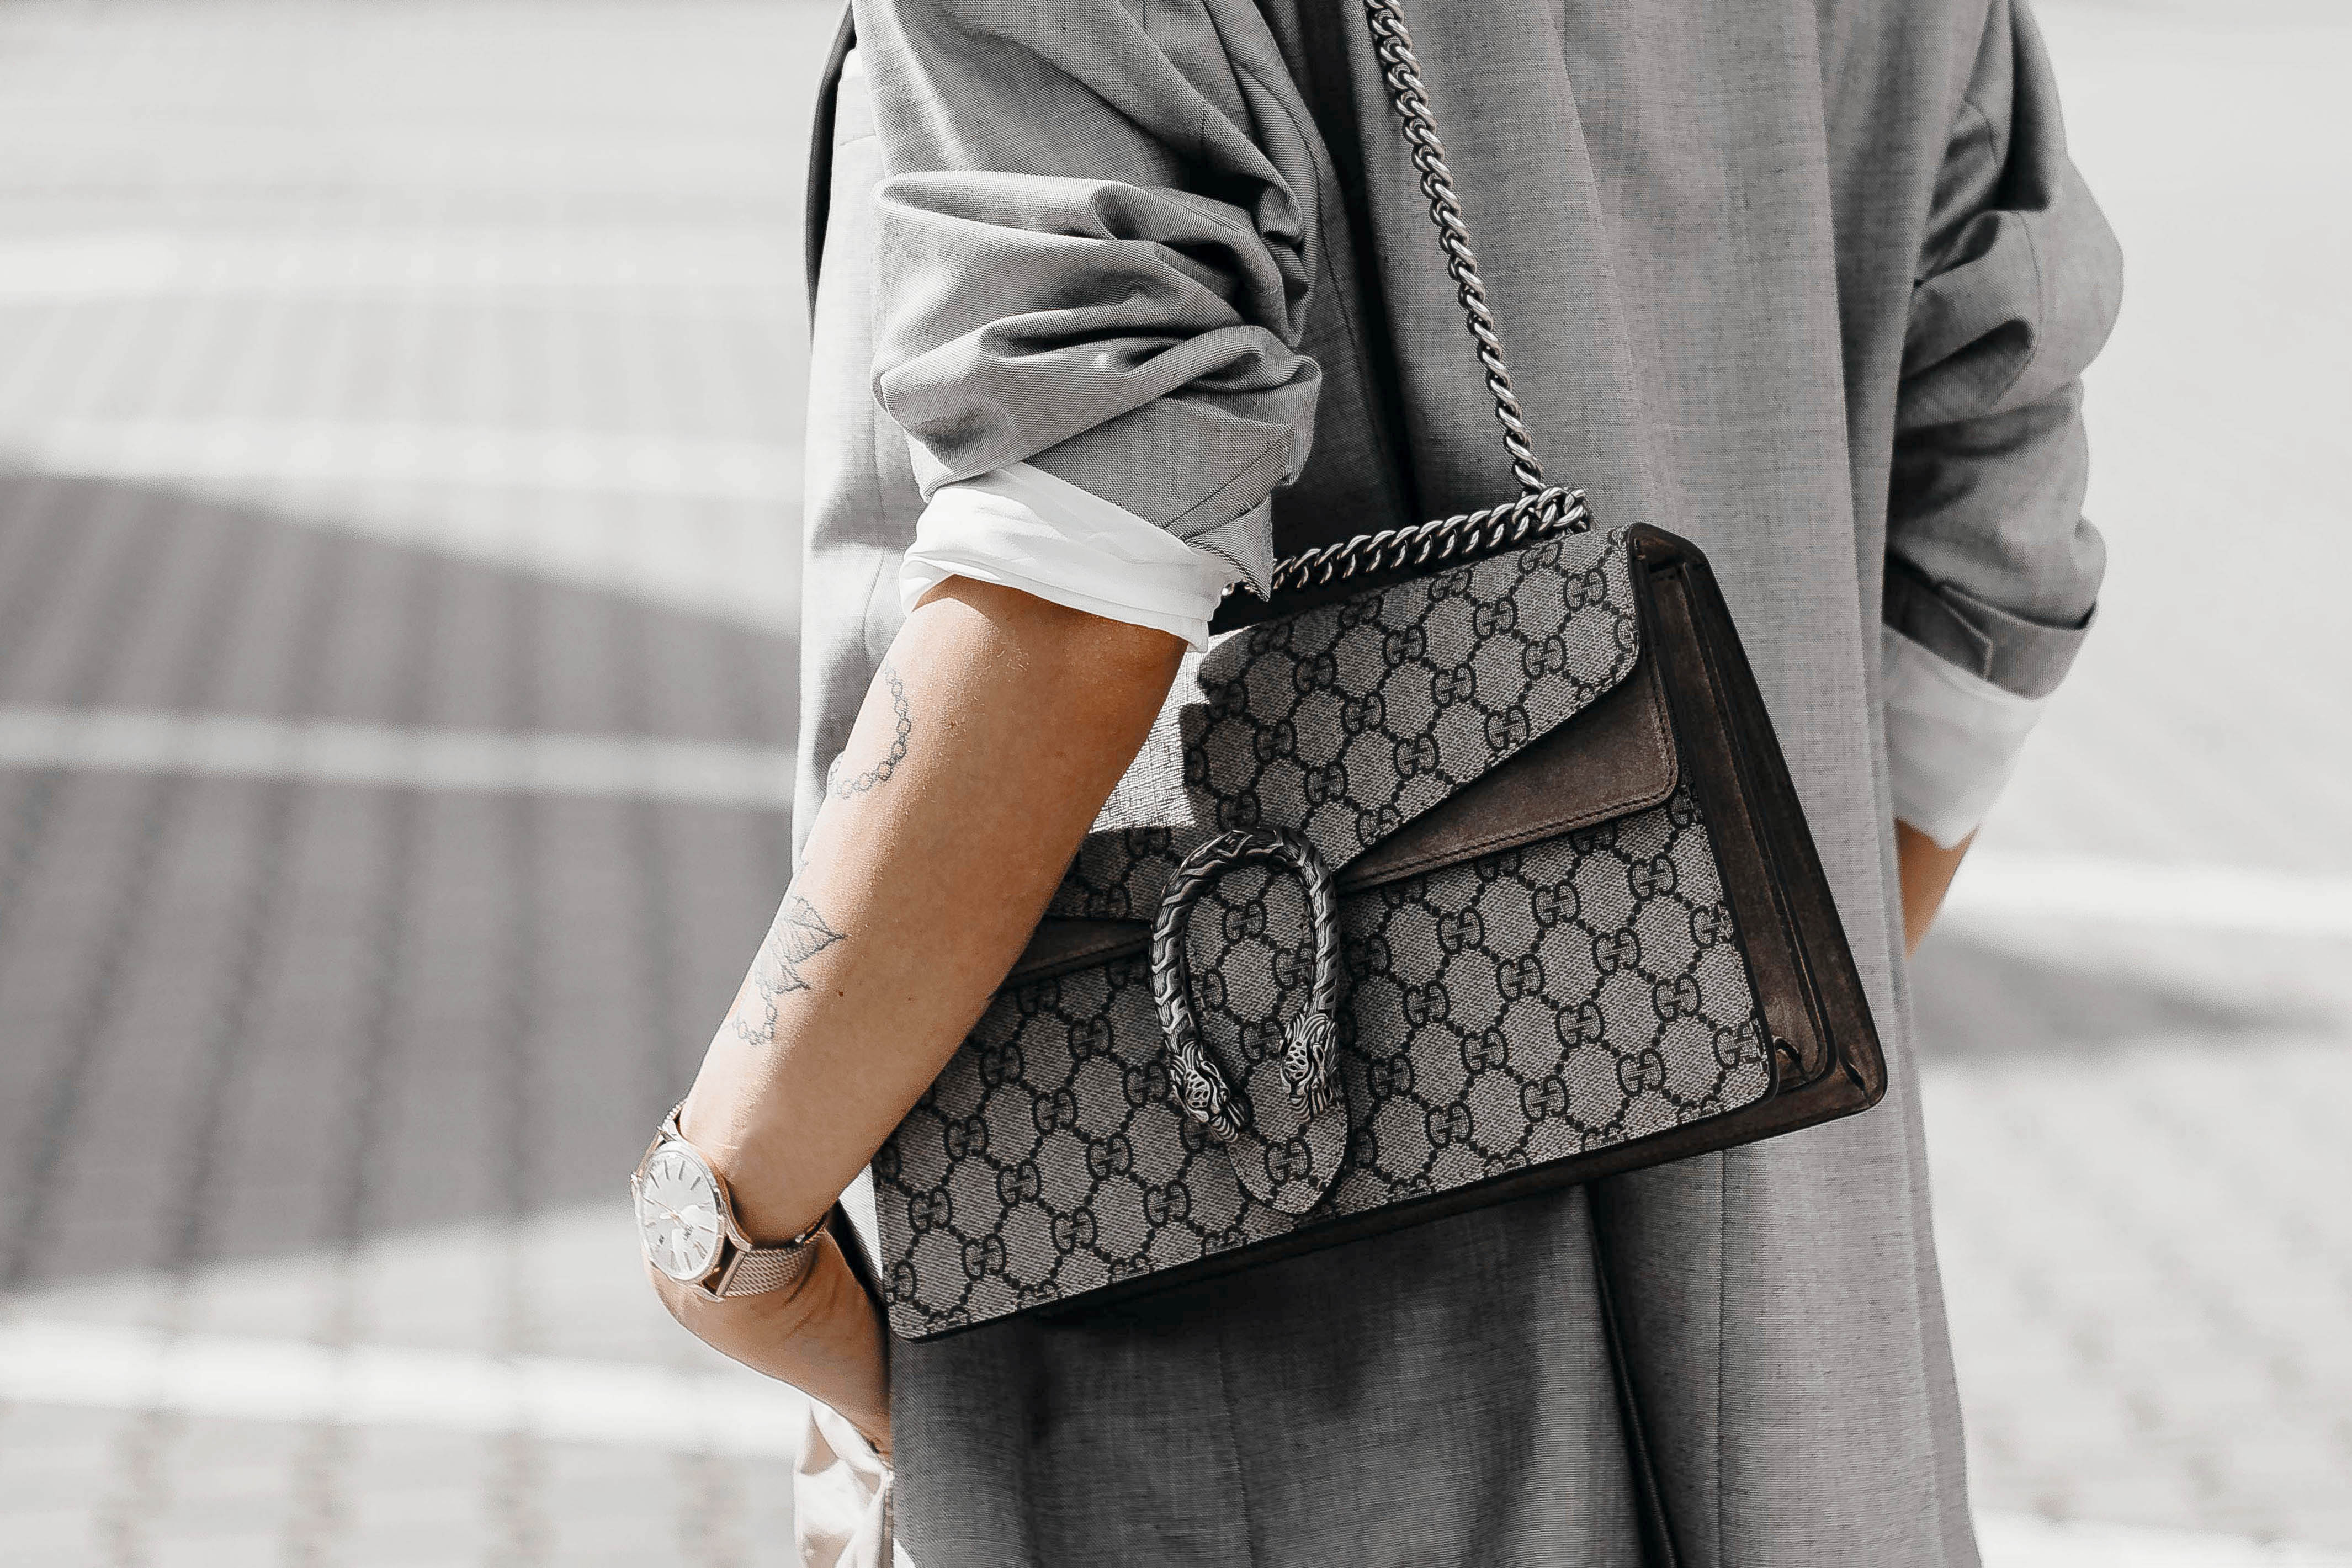 designertaschen-guenstig-kaufen-online-tipps-handtaschen-billig-fashionblog-deutsch-koeln